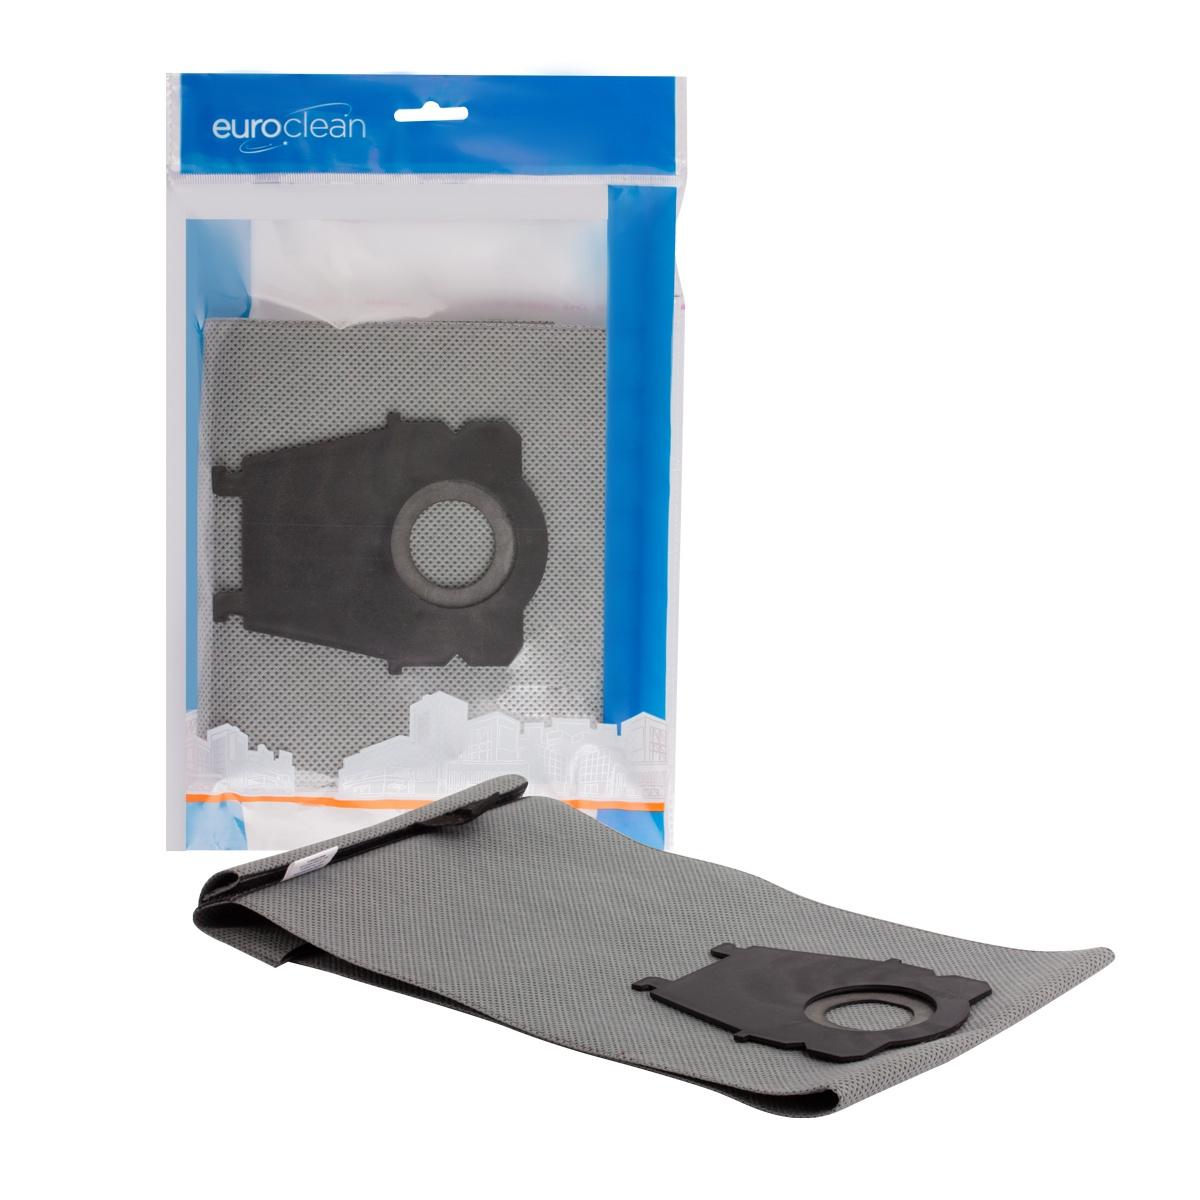 EUR-06R Мешок-пылесборник Euroclean многоразовый для пылесоса